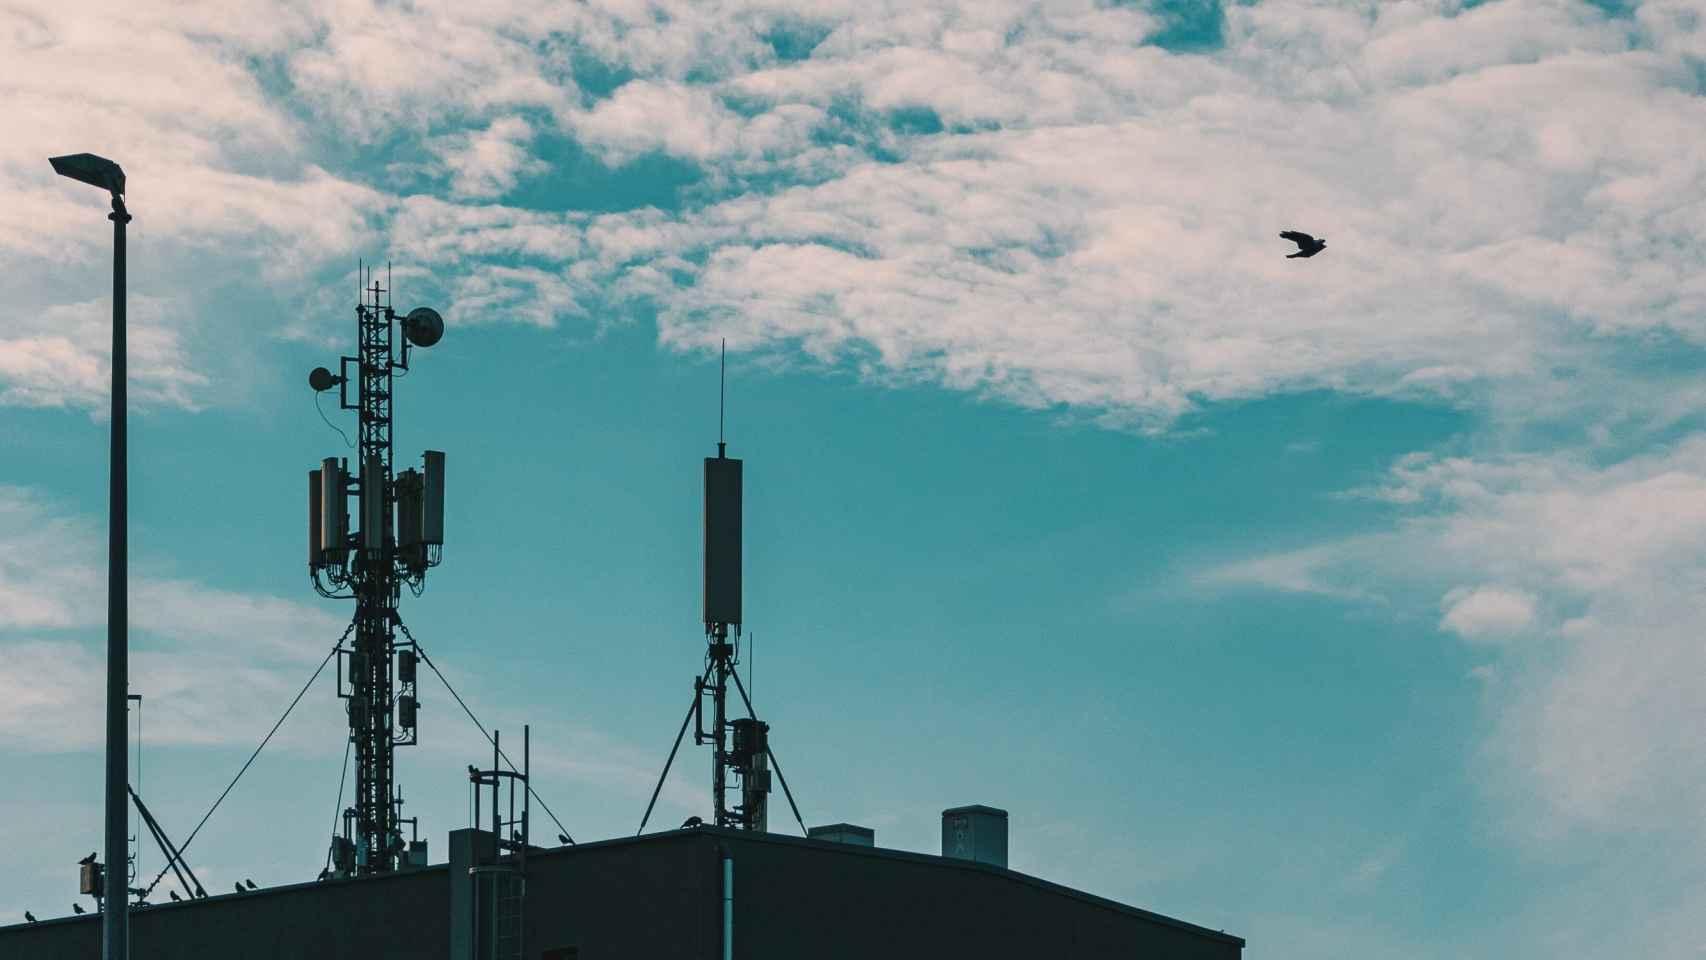 La banda de 700 Mhz permitirá extender la cobertura 5G más rápidamente.